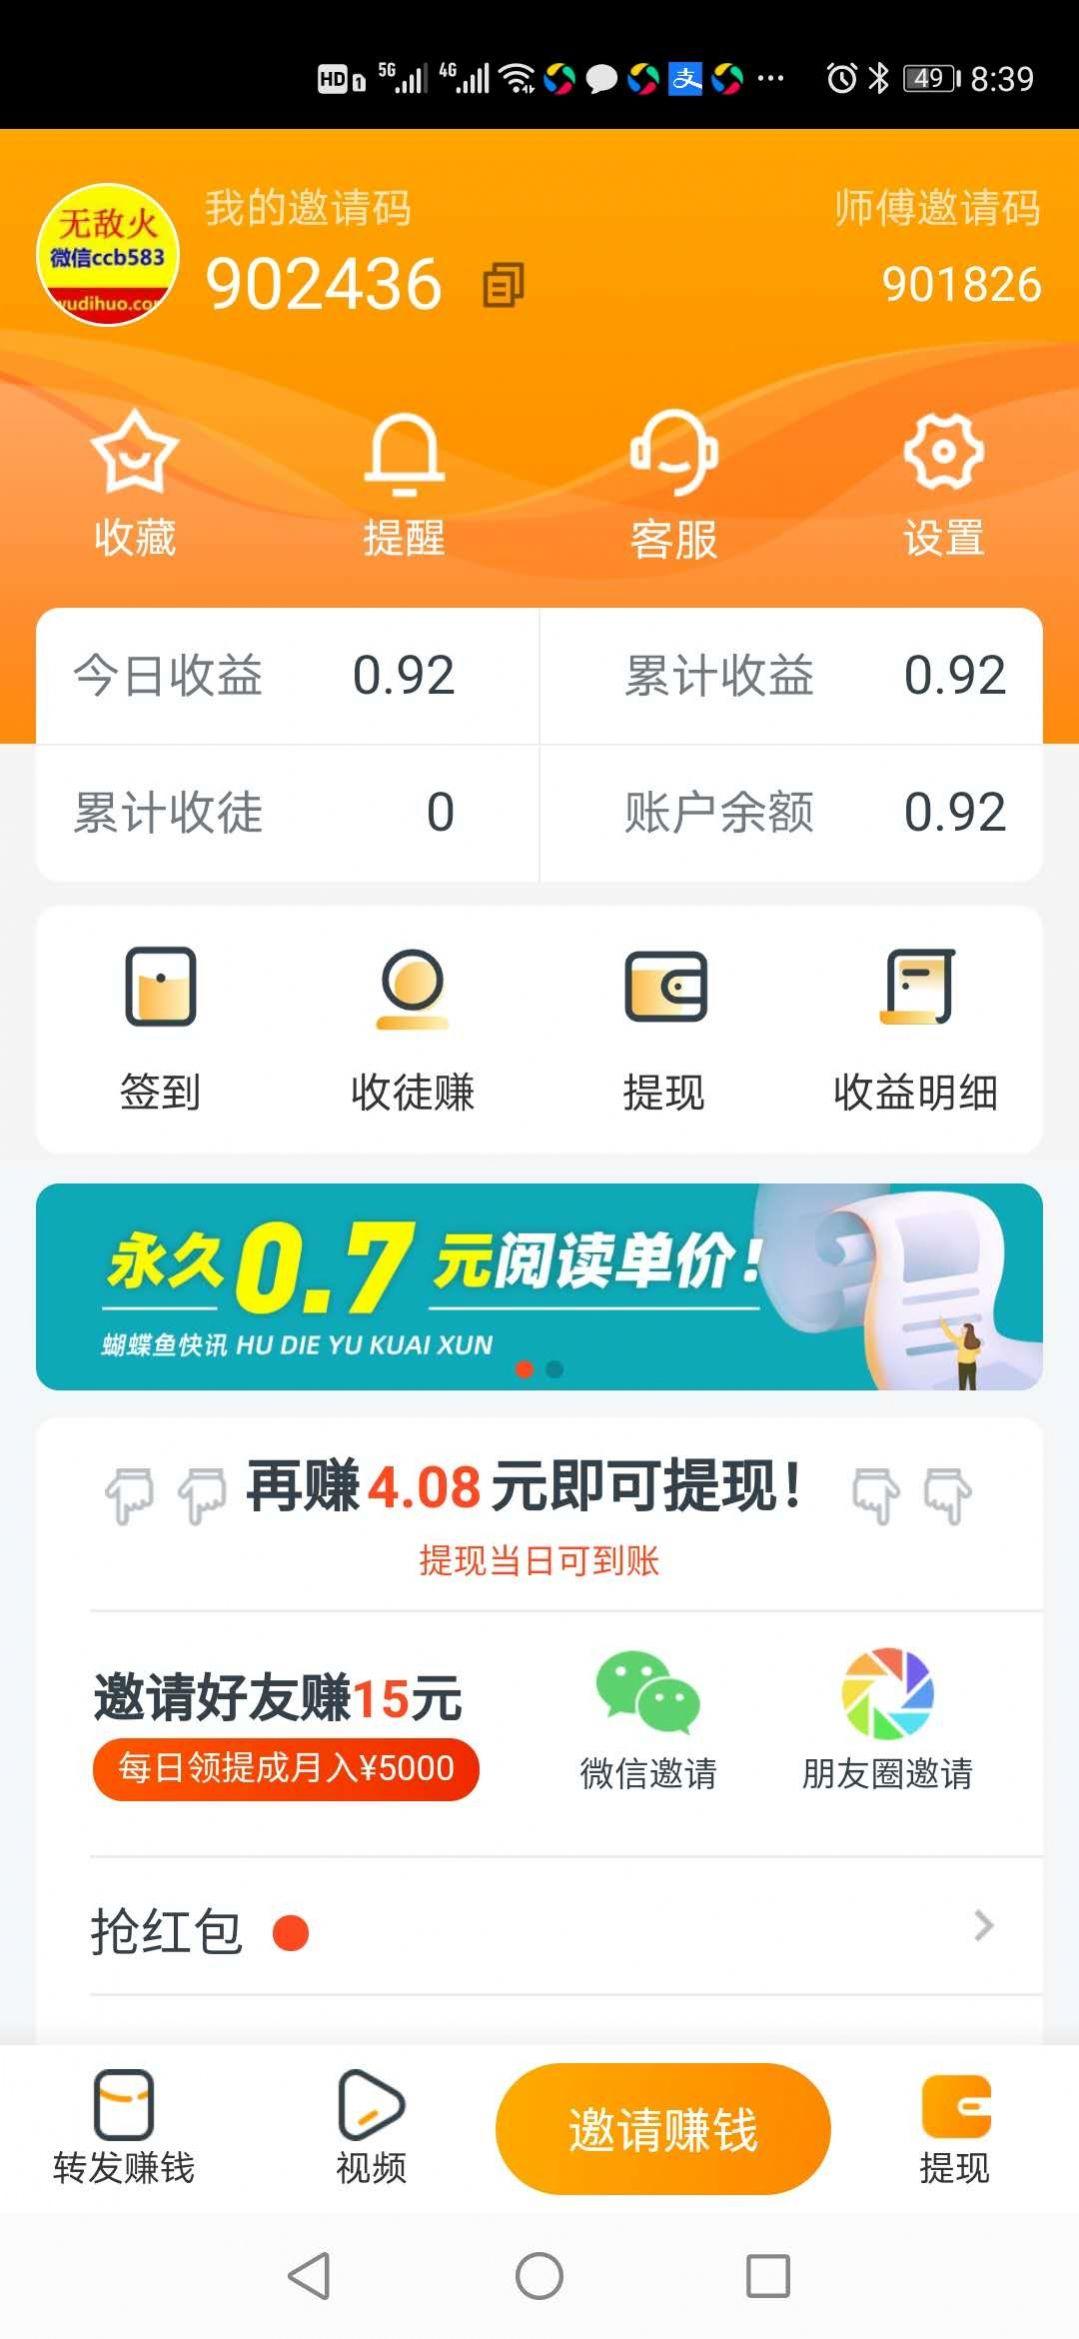 蝴蝶鱼快讯app官方版  v1.0.0图4